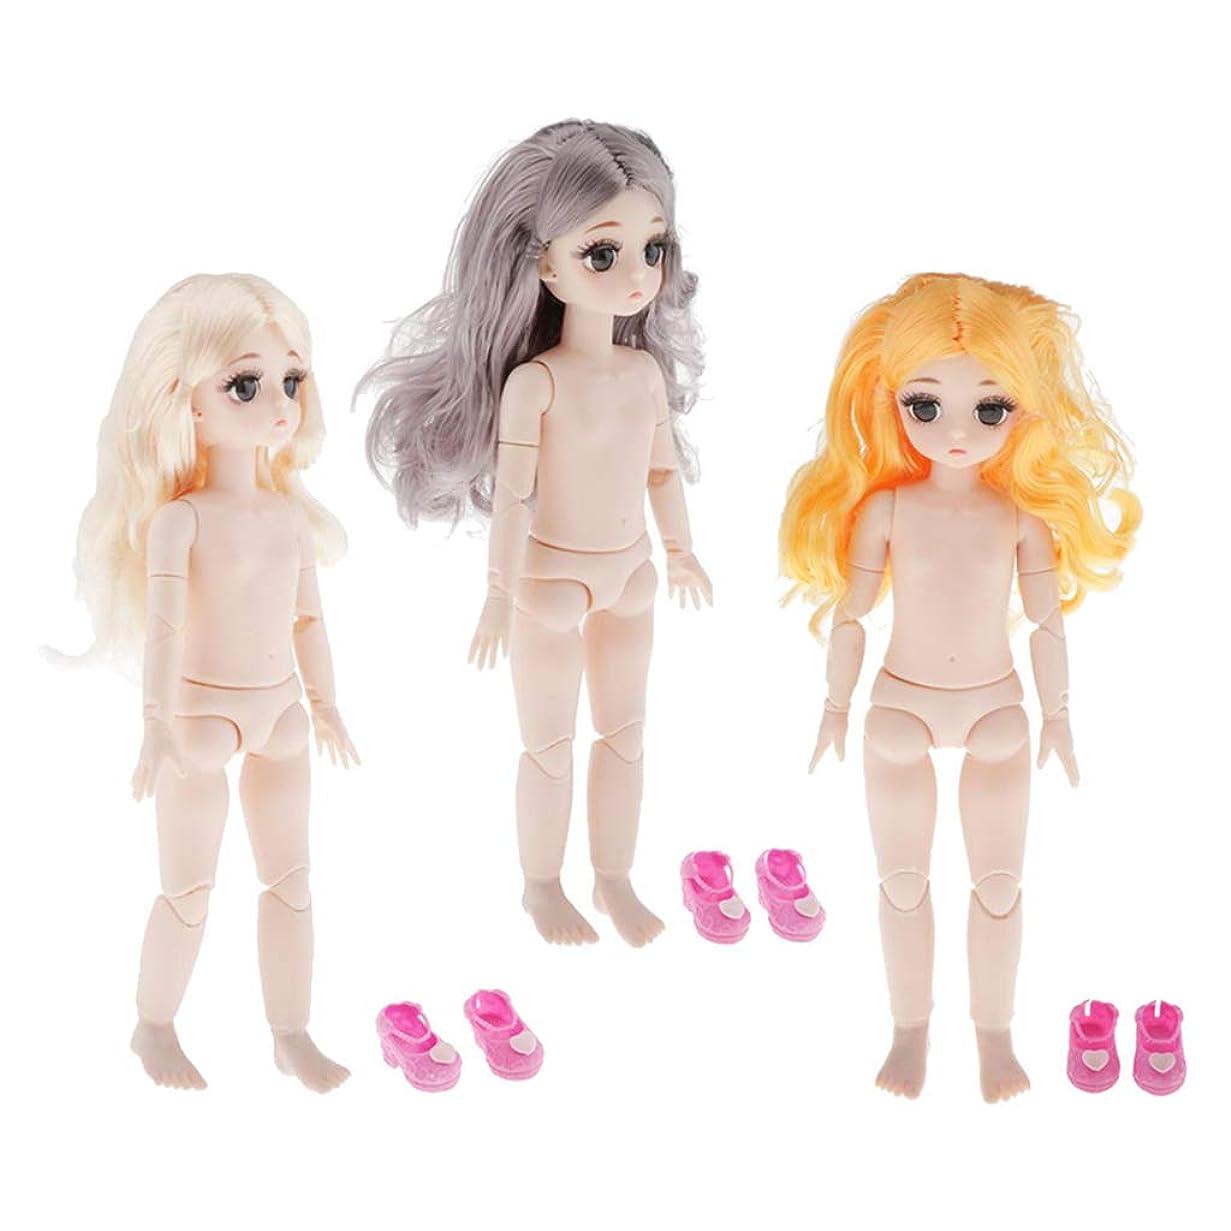 ミッションニコチン天窓#N/A BJDドール 女の子 人形ボディ 21ジョイント ツイン カーリー かわいい BJD人形交換用 3セット